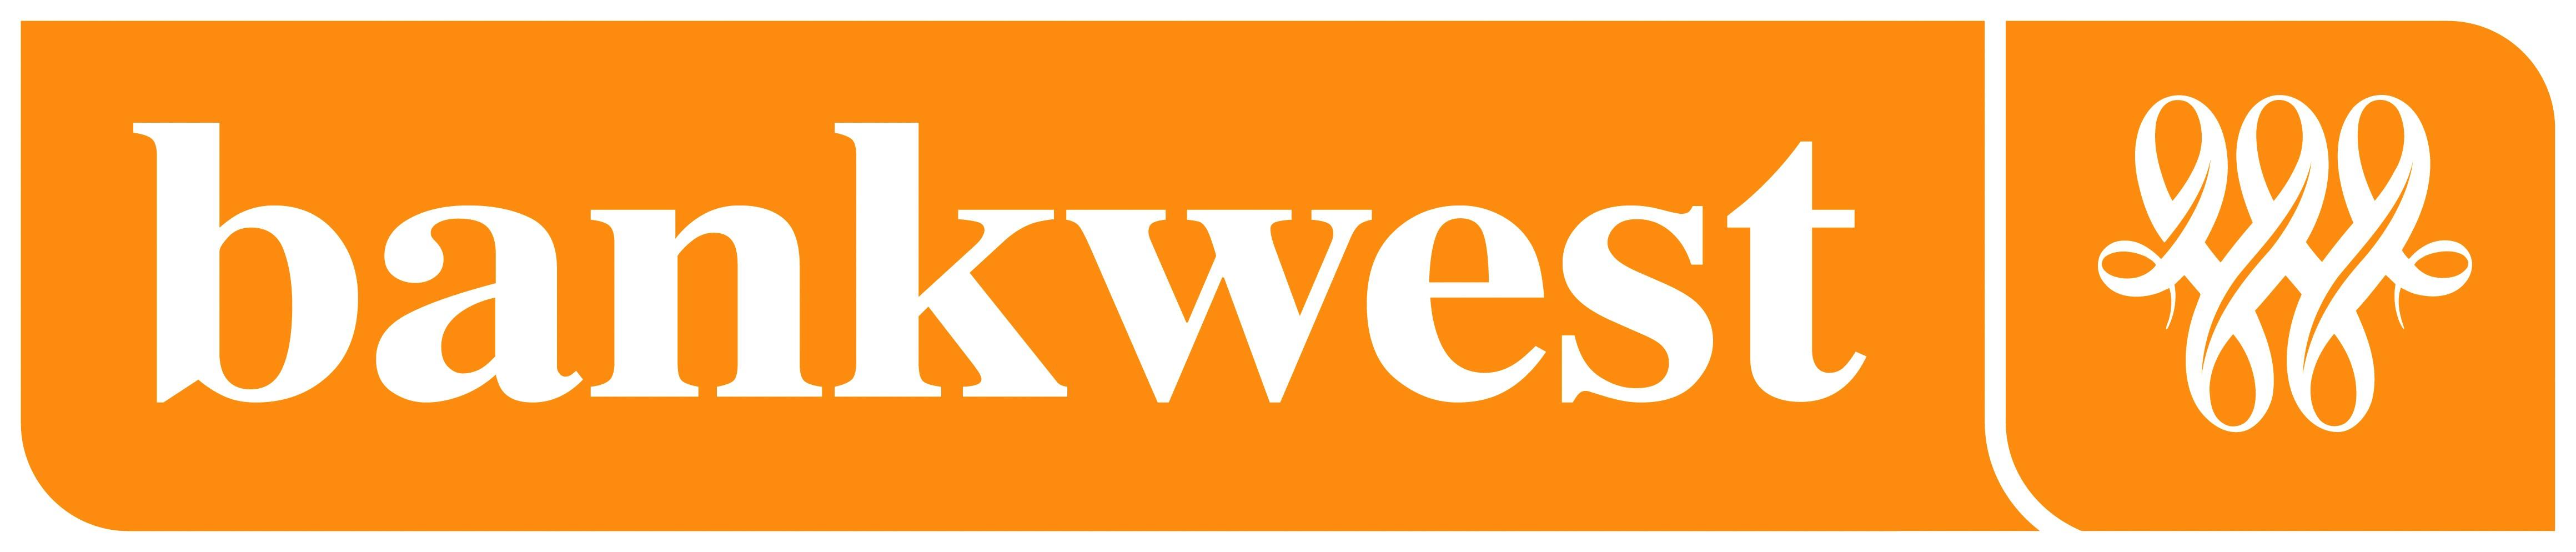 BankWest Logo photo - 1